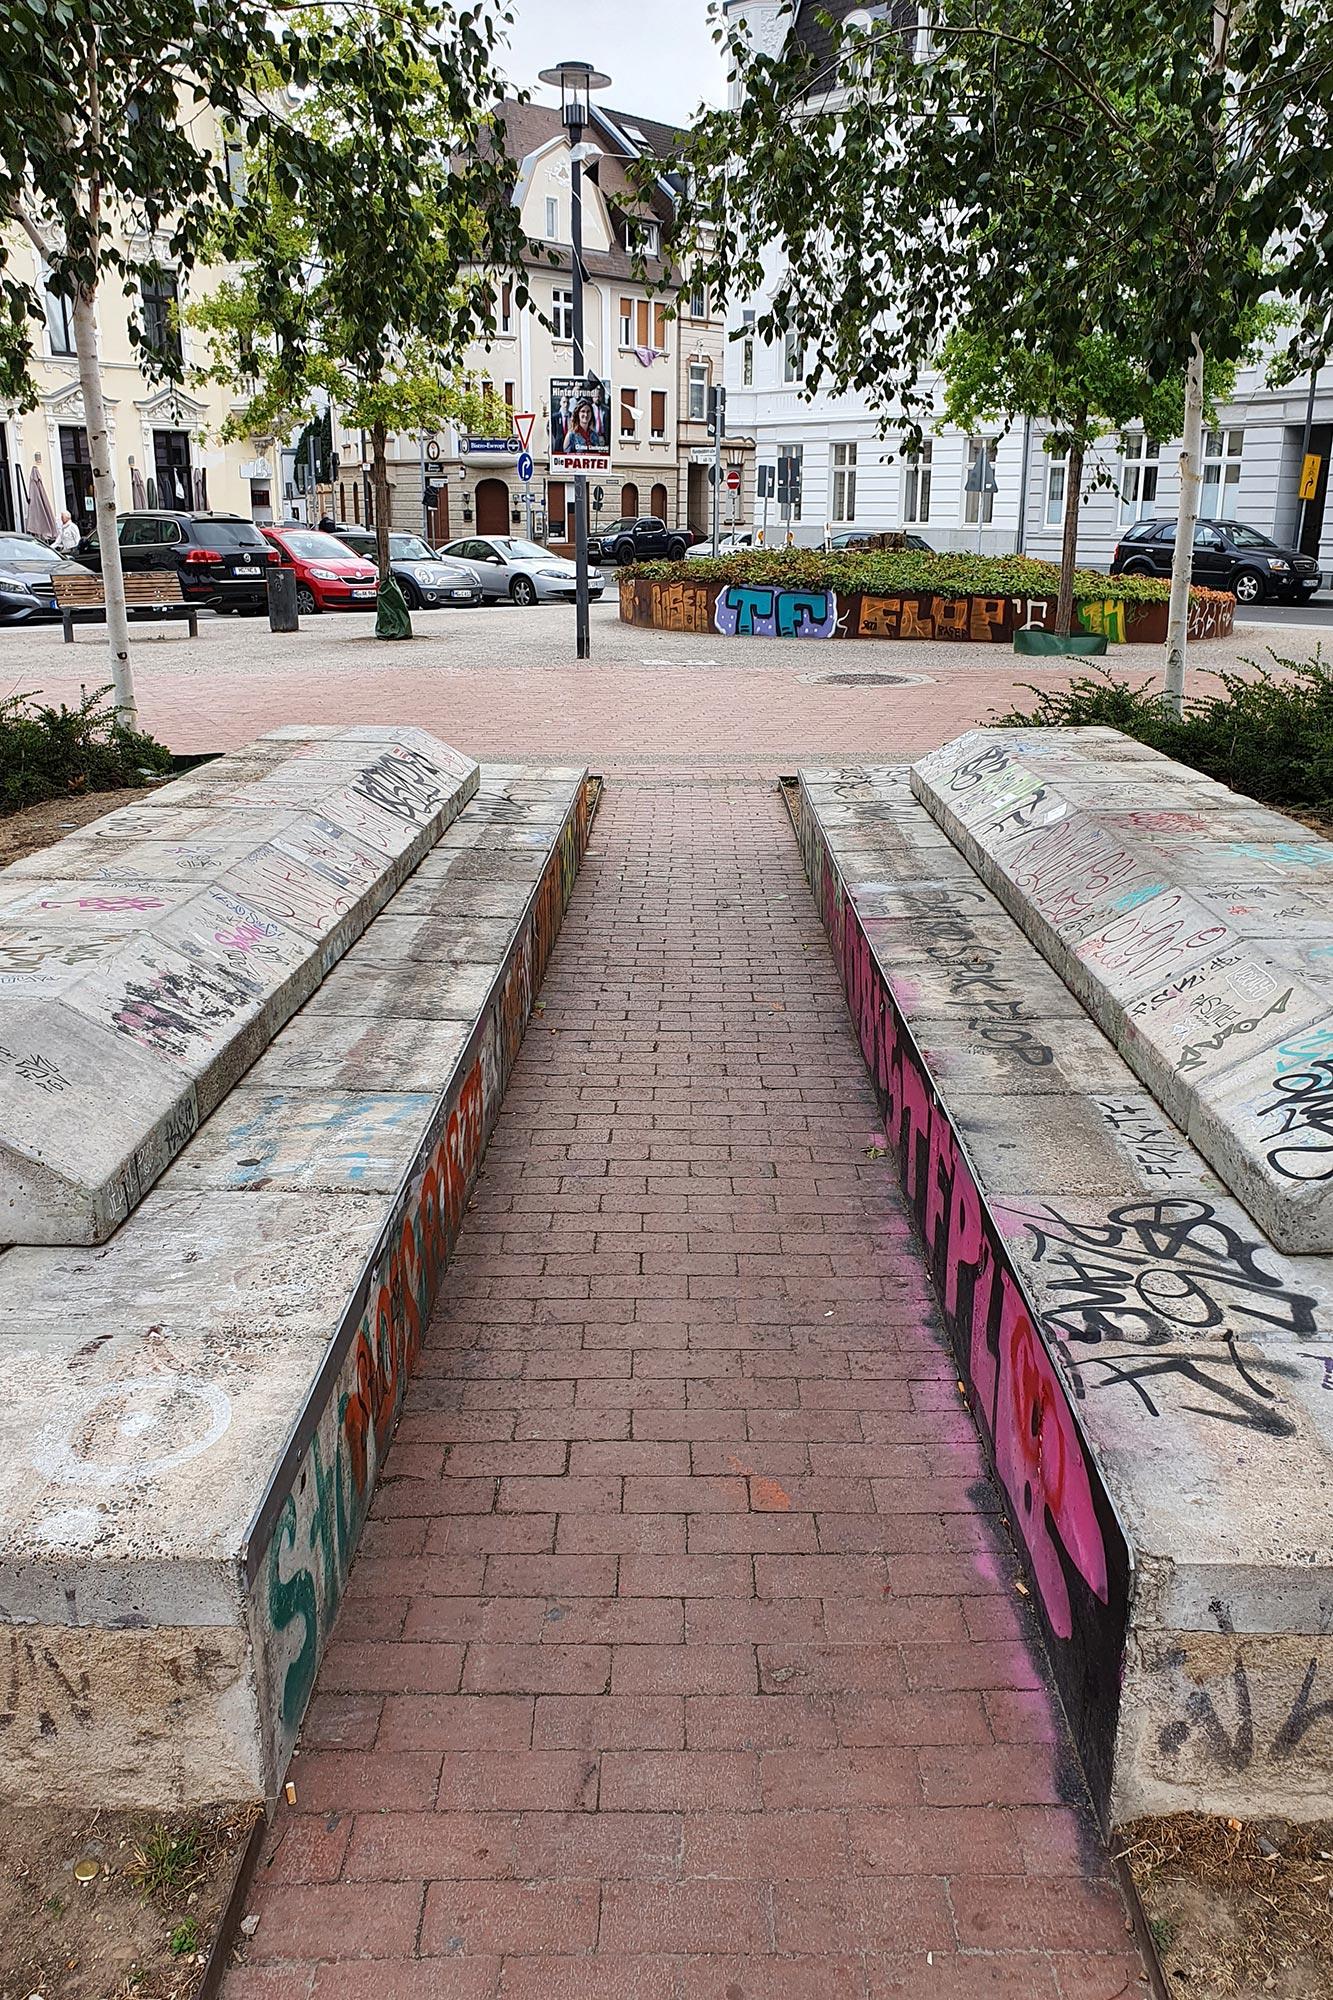 Graffiti entfernen lassen - vorher